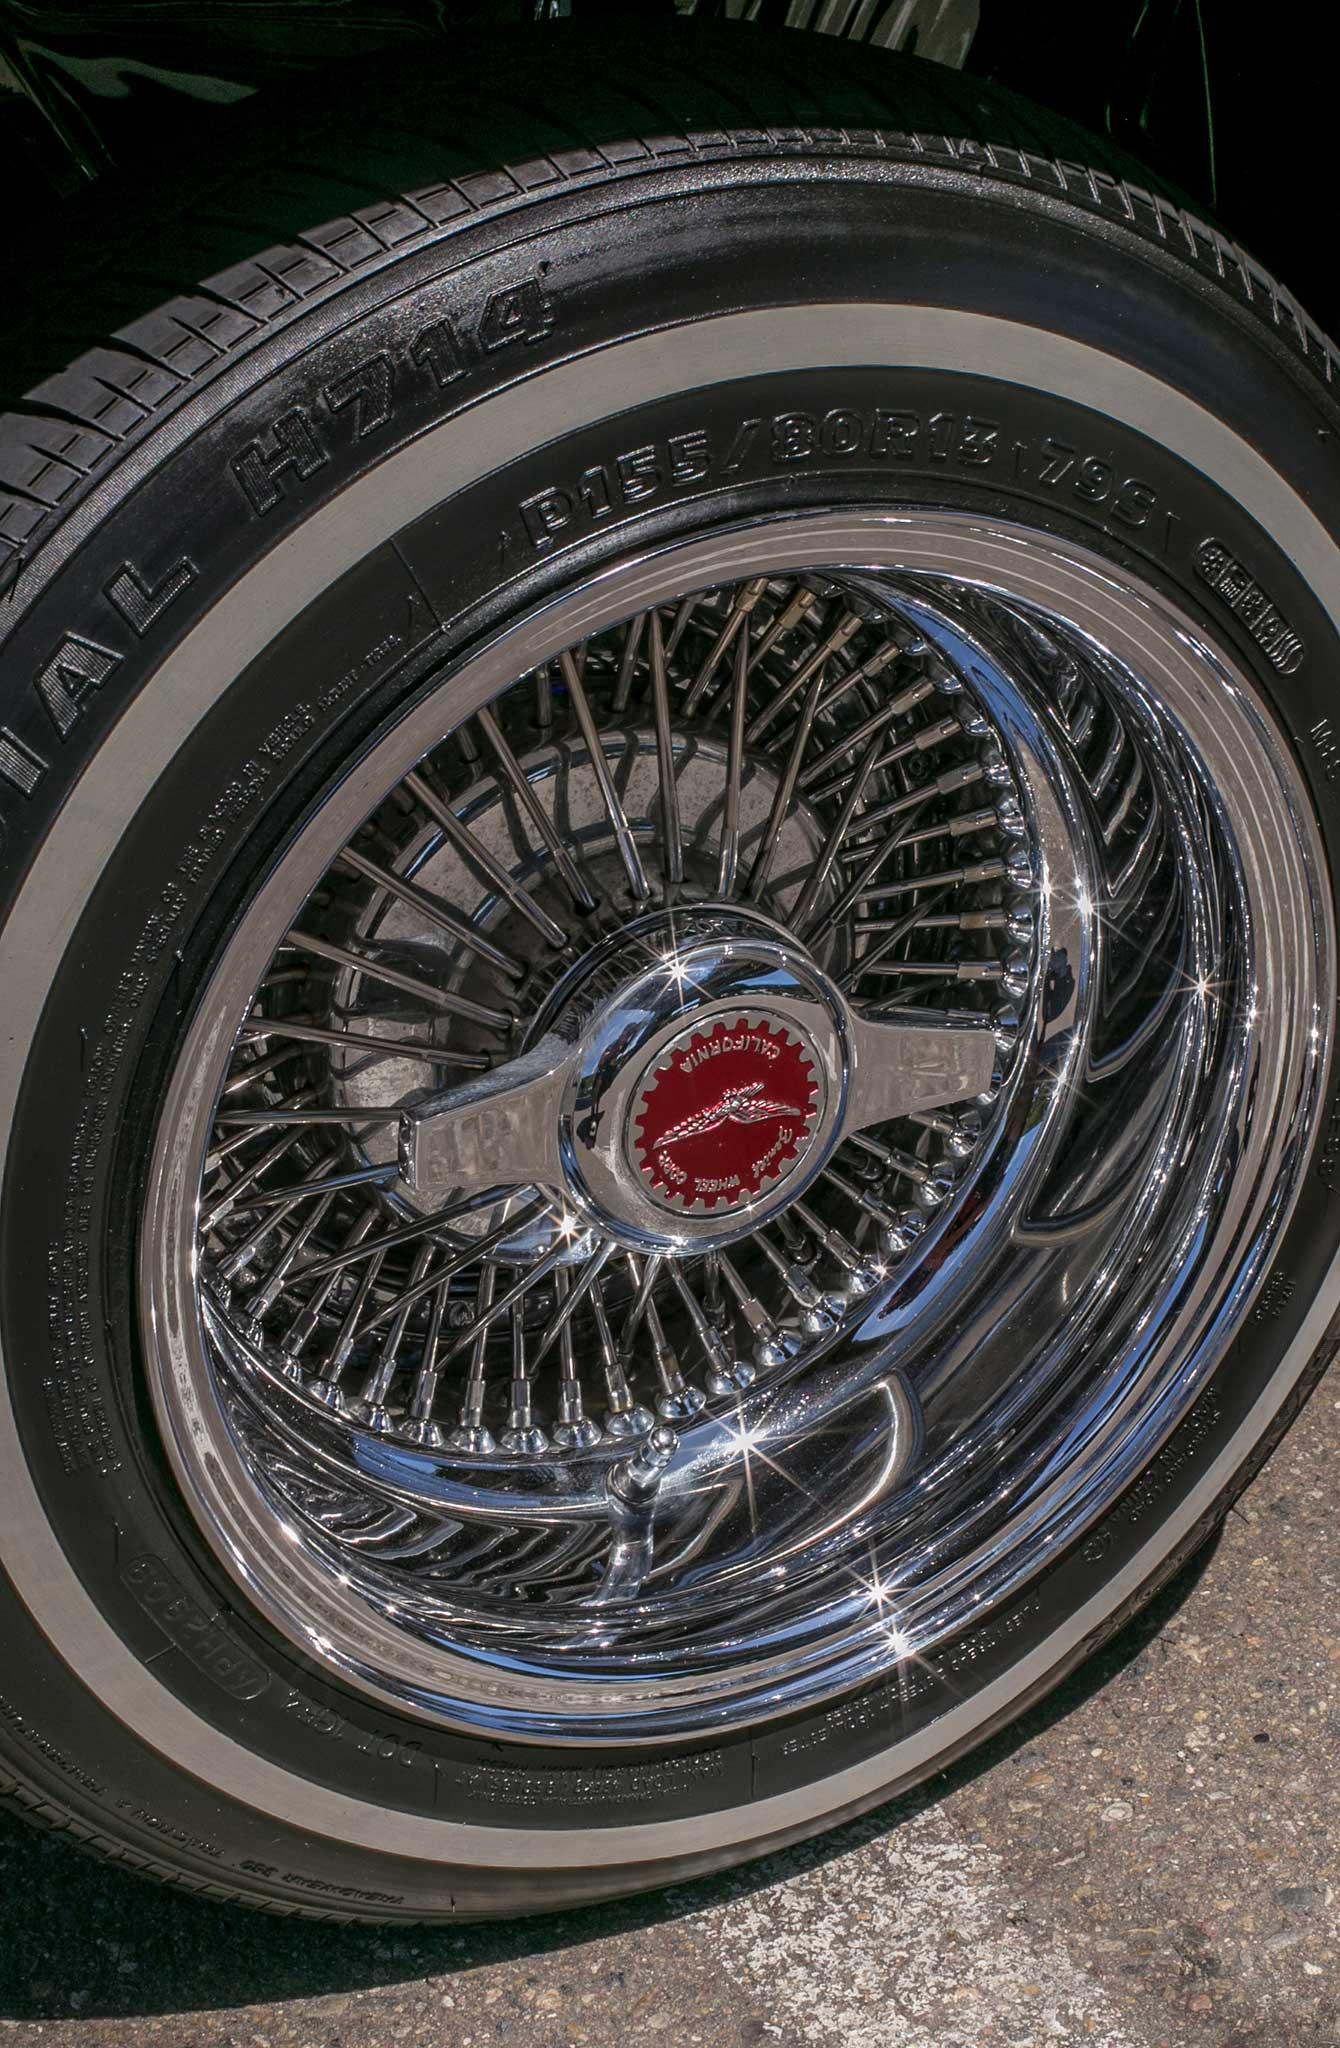 1964 Chevrolet Impala - Happy Homecoming